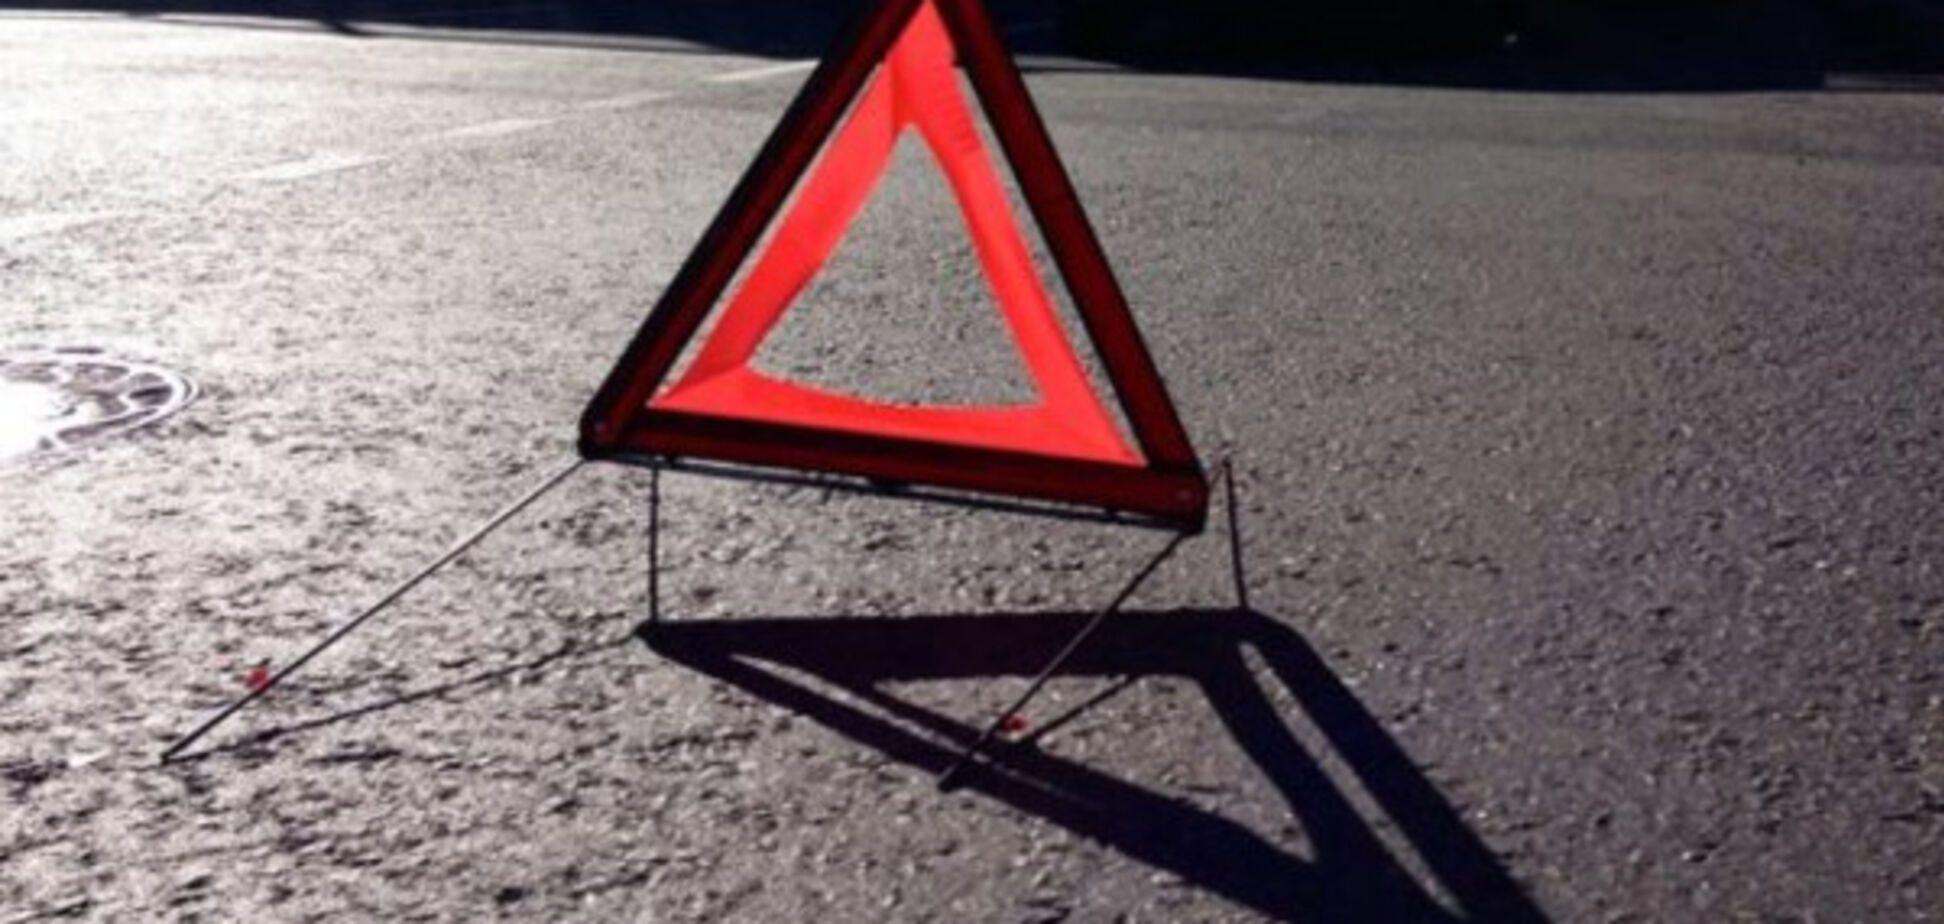 ДТП в области: пострадал маленький ребенок (ФОТО)